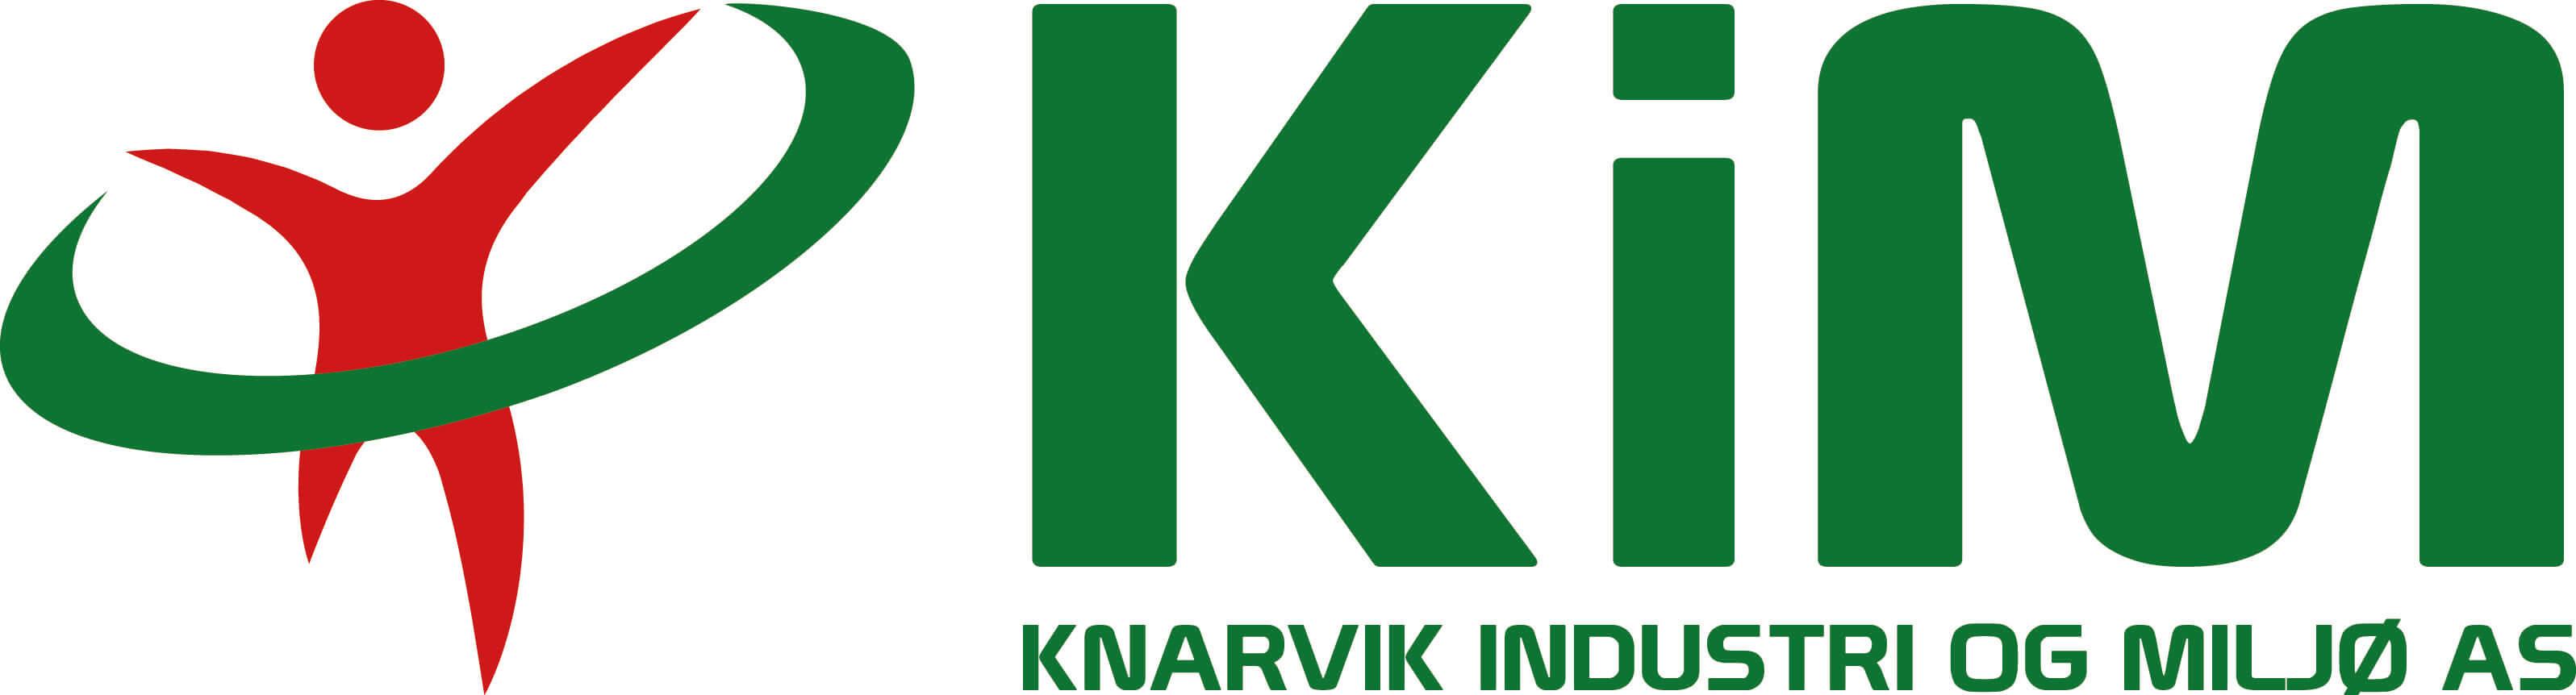 Tilrettelagte arbeidsplassar i Lindås | Knarvik Industri og Miljø